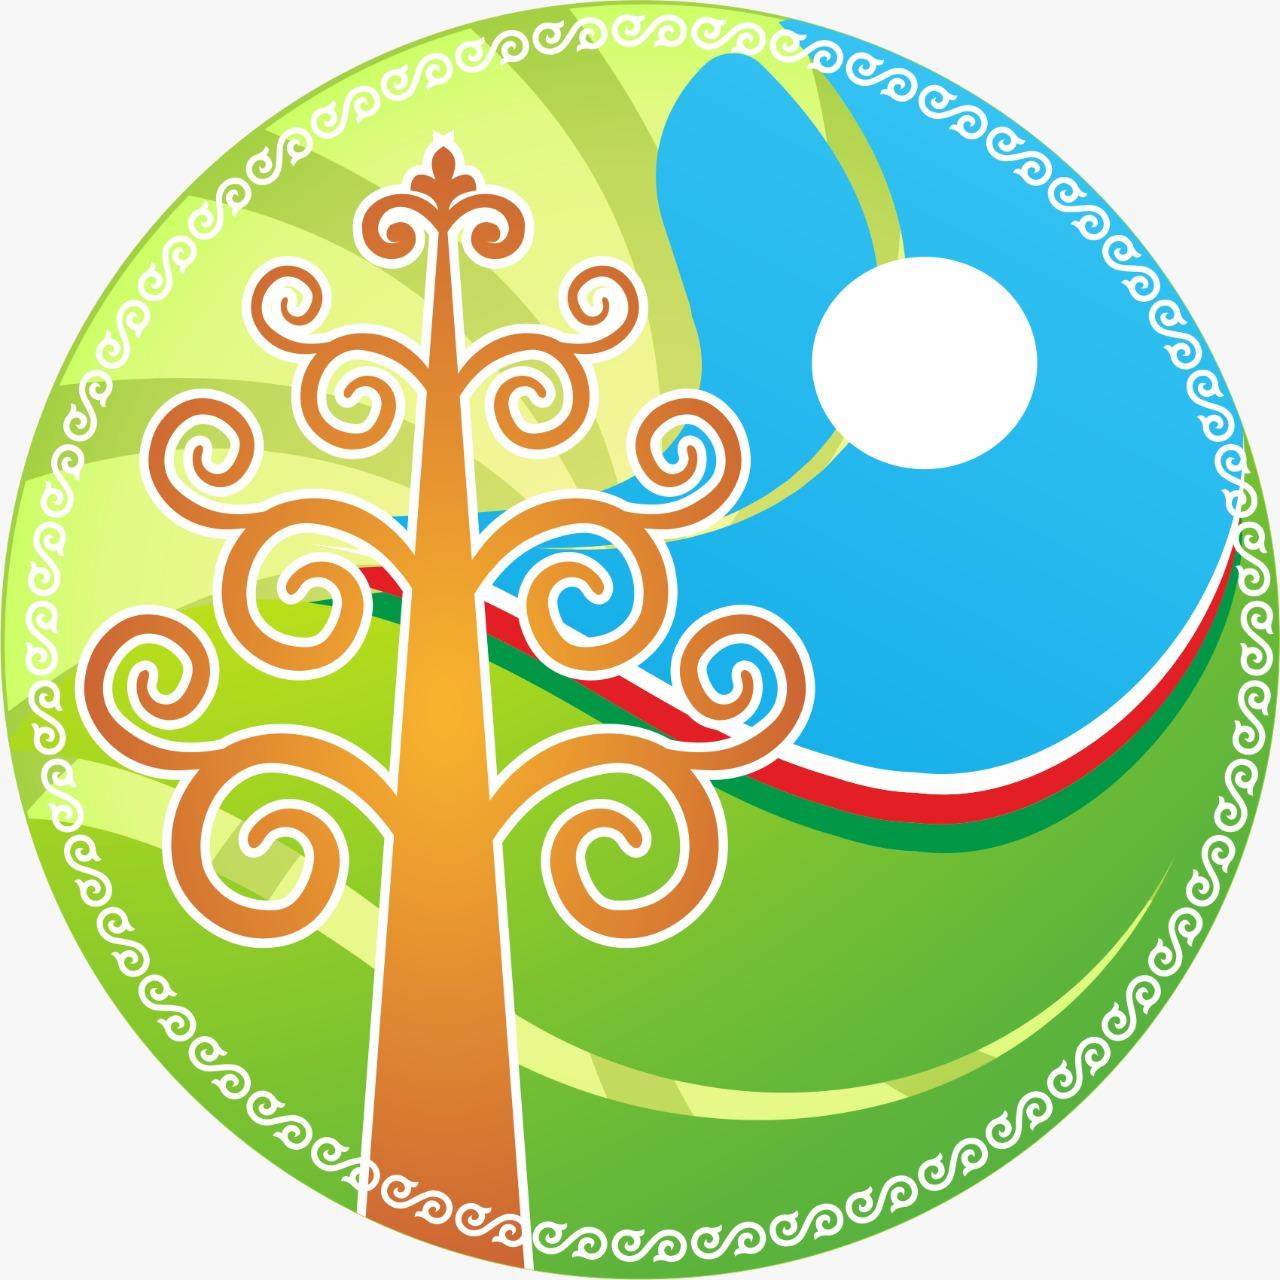 АГАТУ приглашает принять участие во III Лесопромышленном форуме Республики Саха (Якутия)